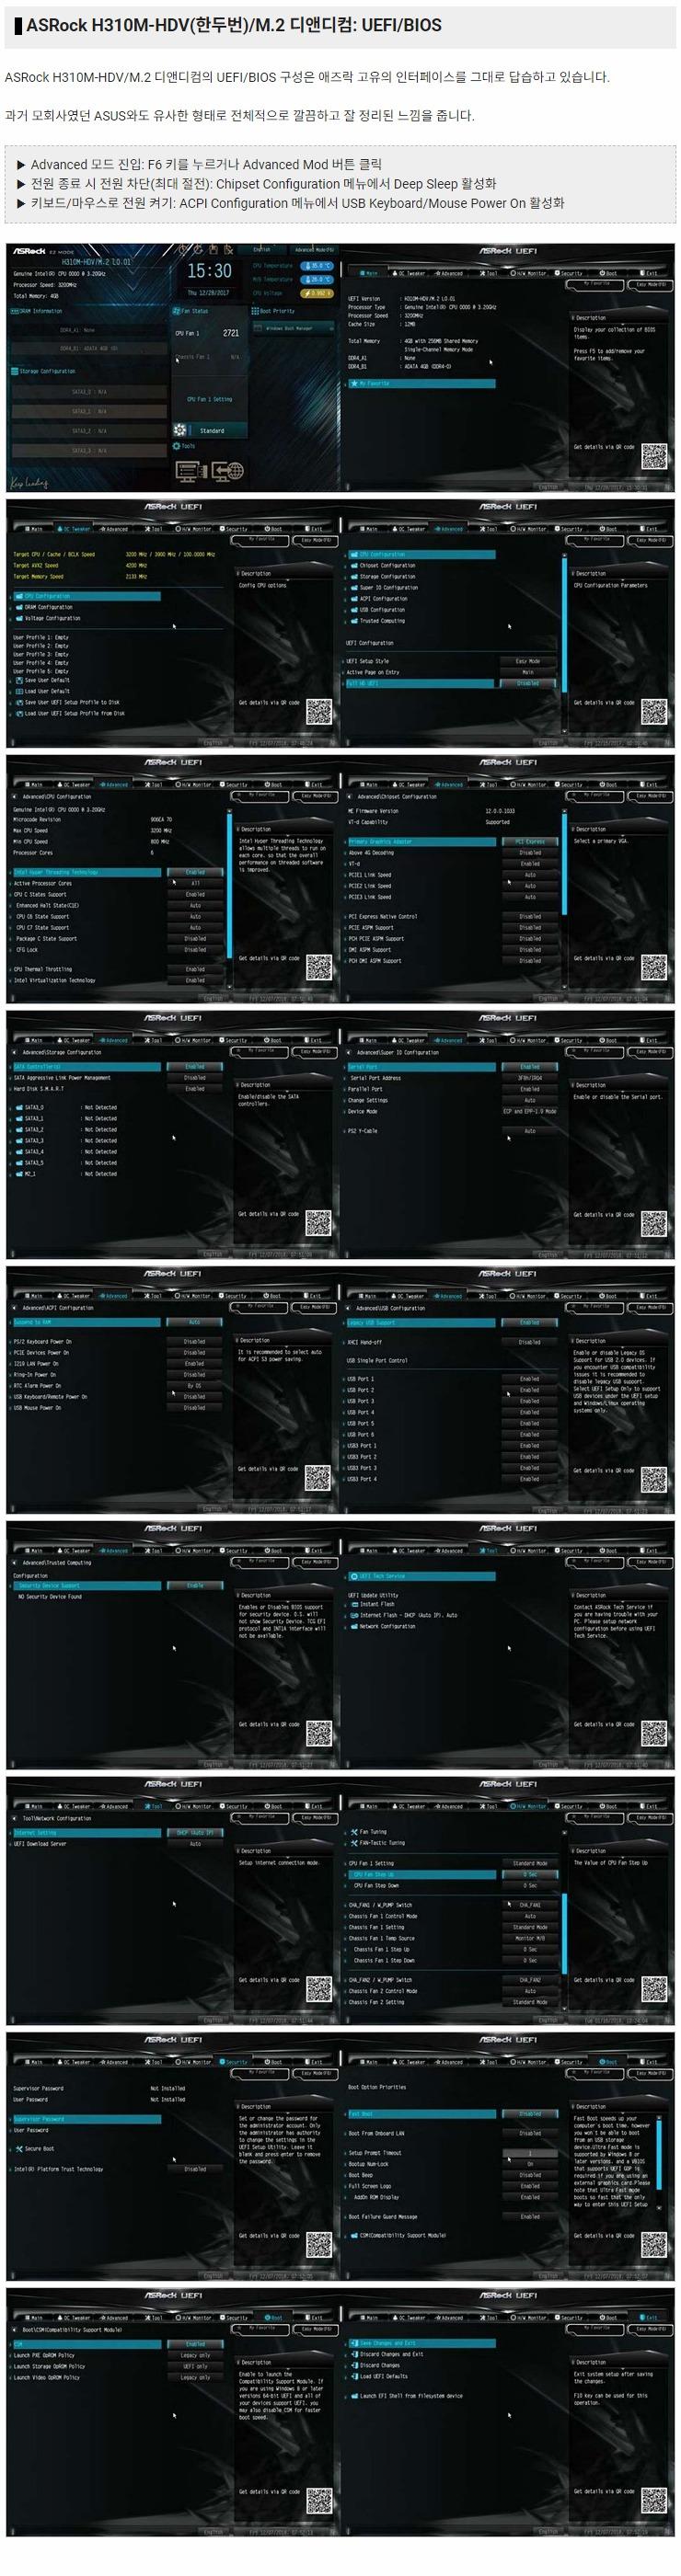 ASRock_H310M-HDV-M.2_7.jpg